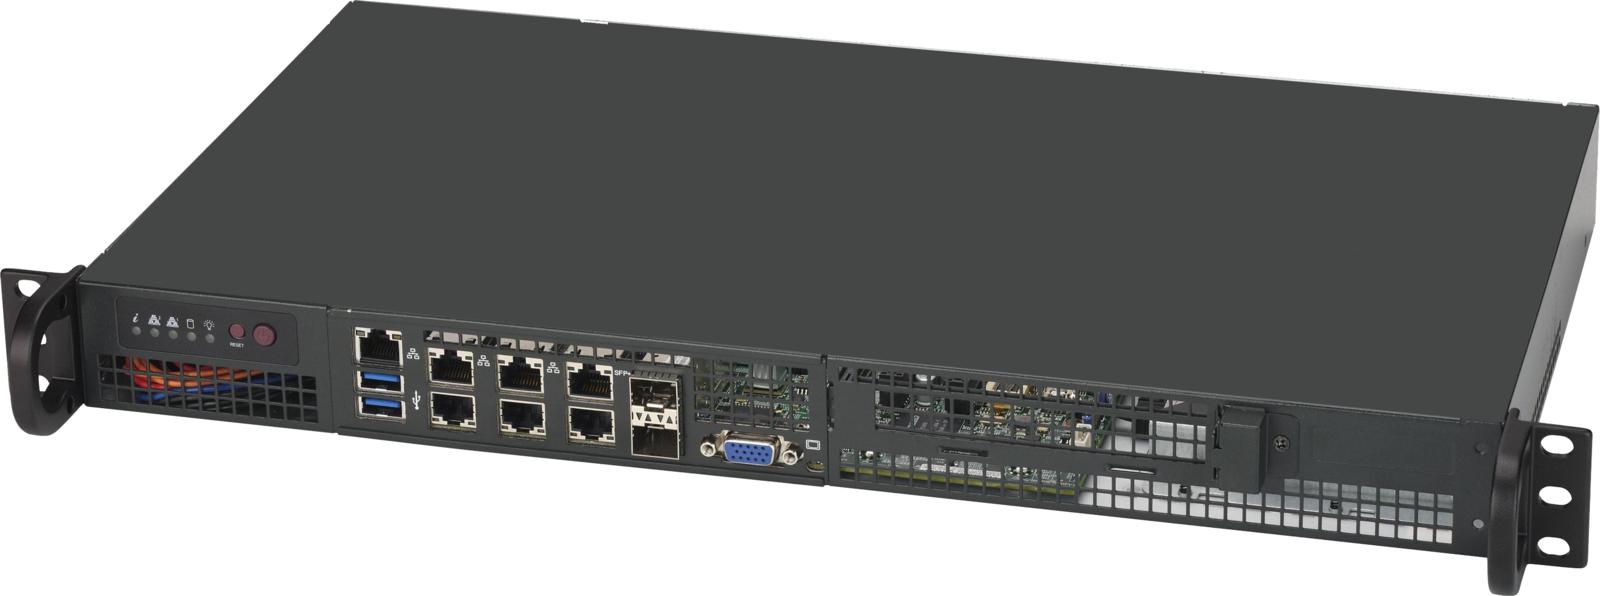 Ernitec Mini Rack Server